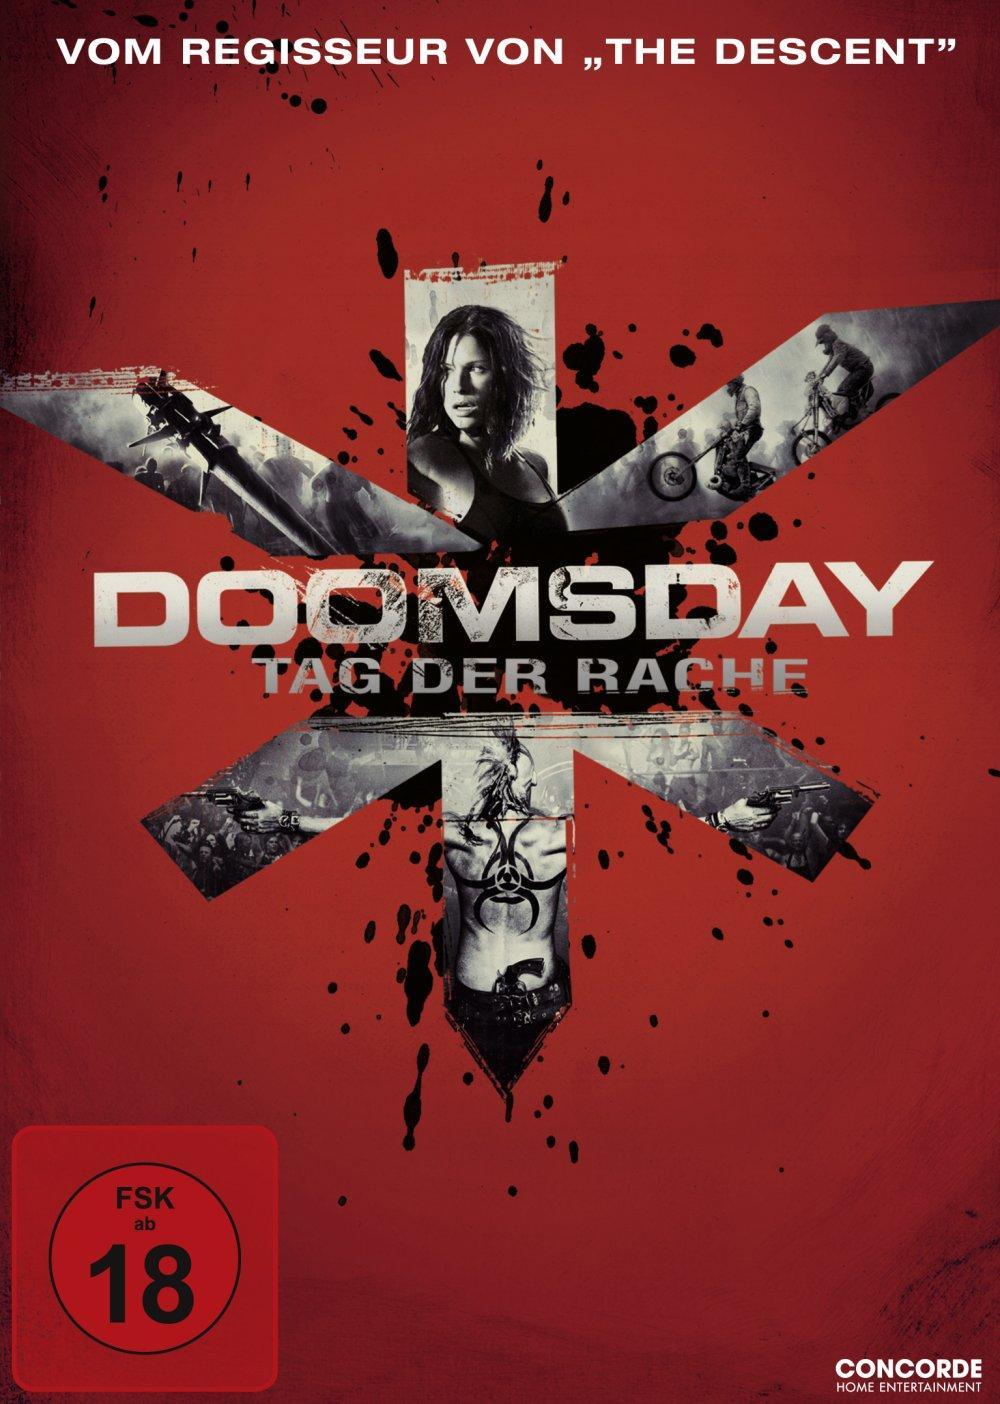 doomsday – tag der rache